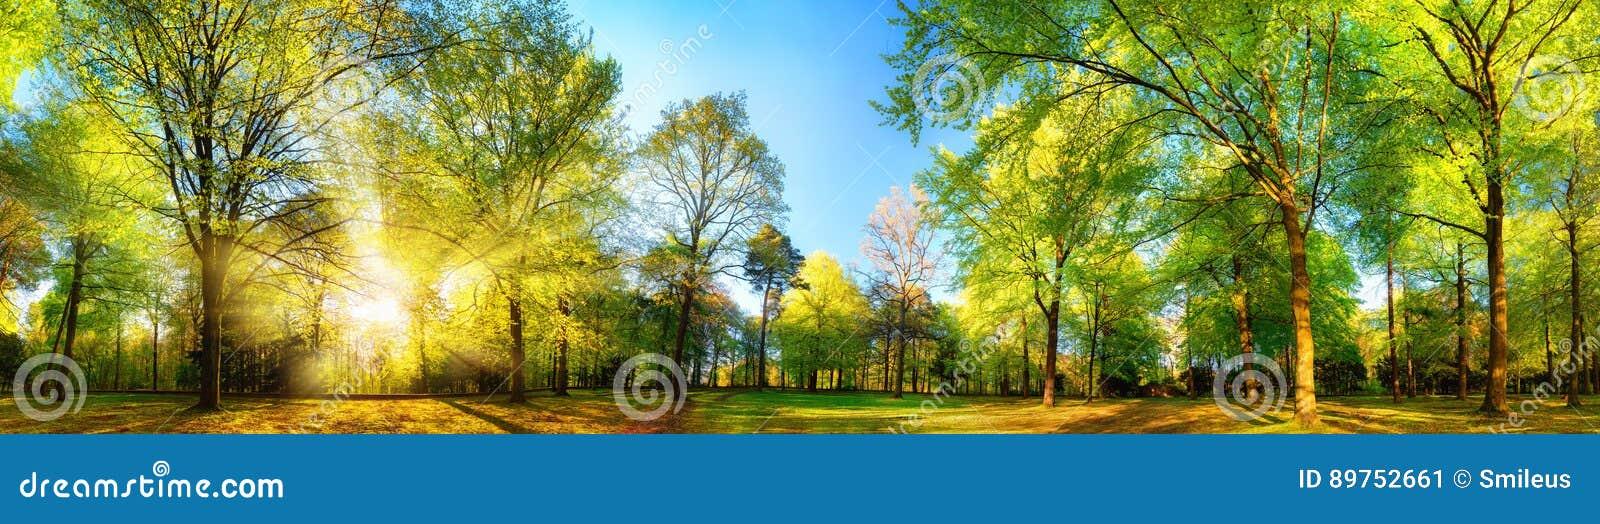 Шикарный панорамный пейзаж весны с sunlit деревьями